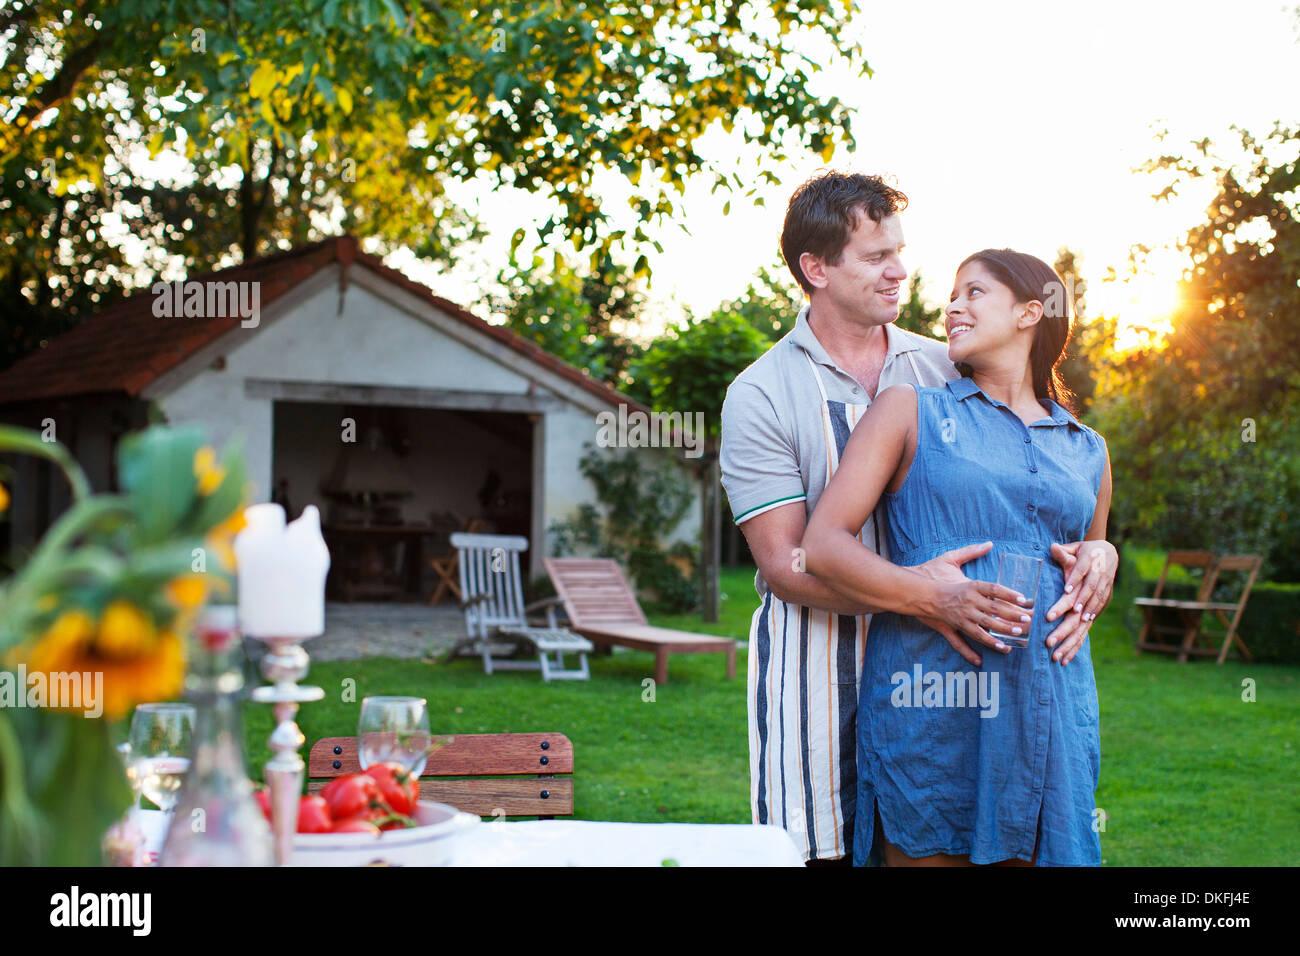 Abbracci uomo donna incinta, mani su stomaco Immagini Stock